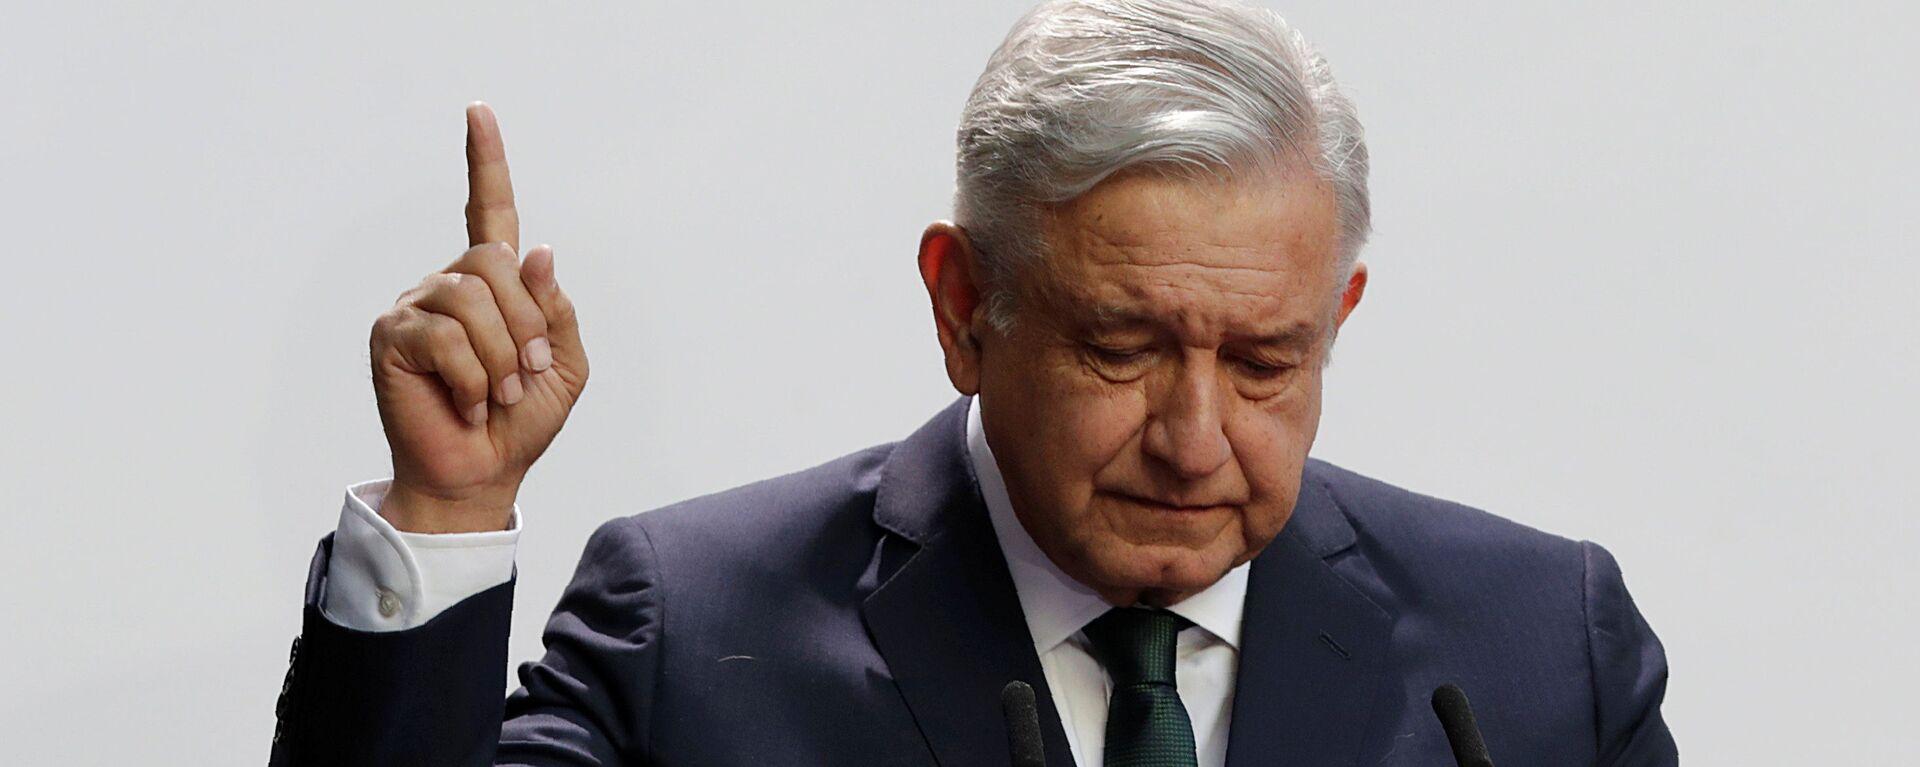 Andres Manuel López Obrador, presidente de México - Sputnik Mundo, 1920, 28.09.2020